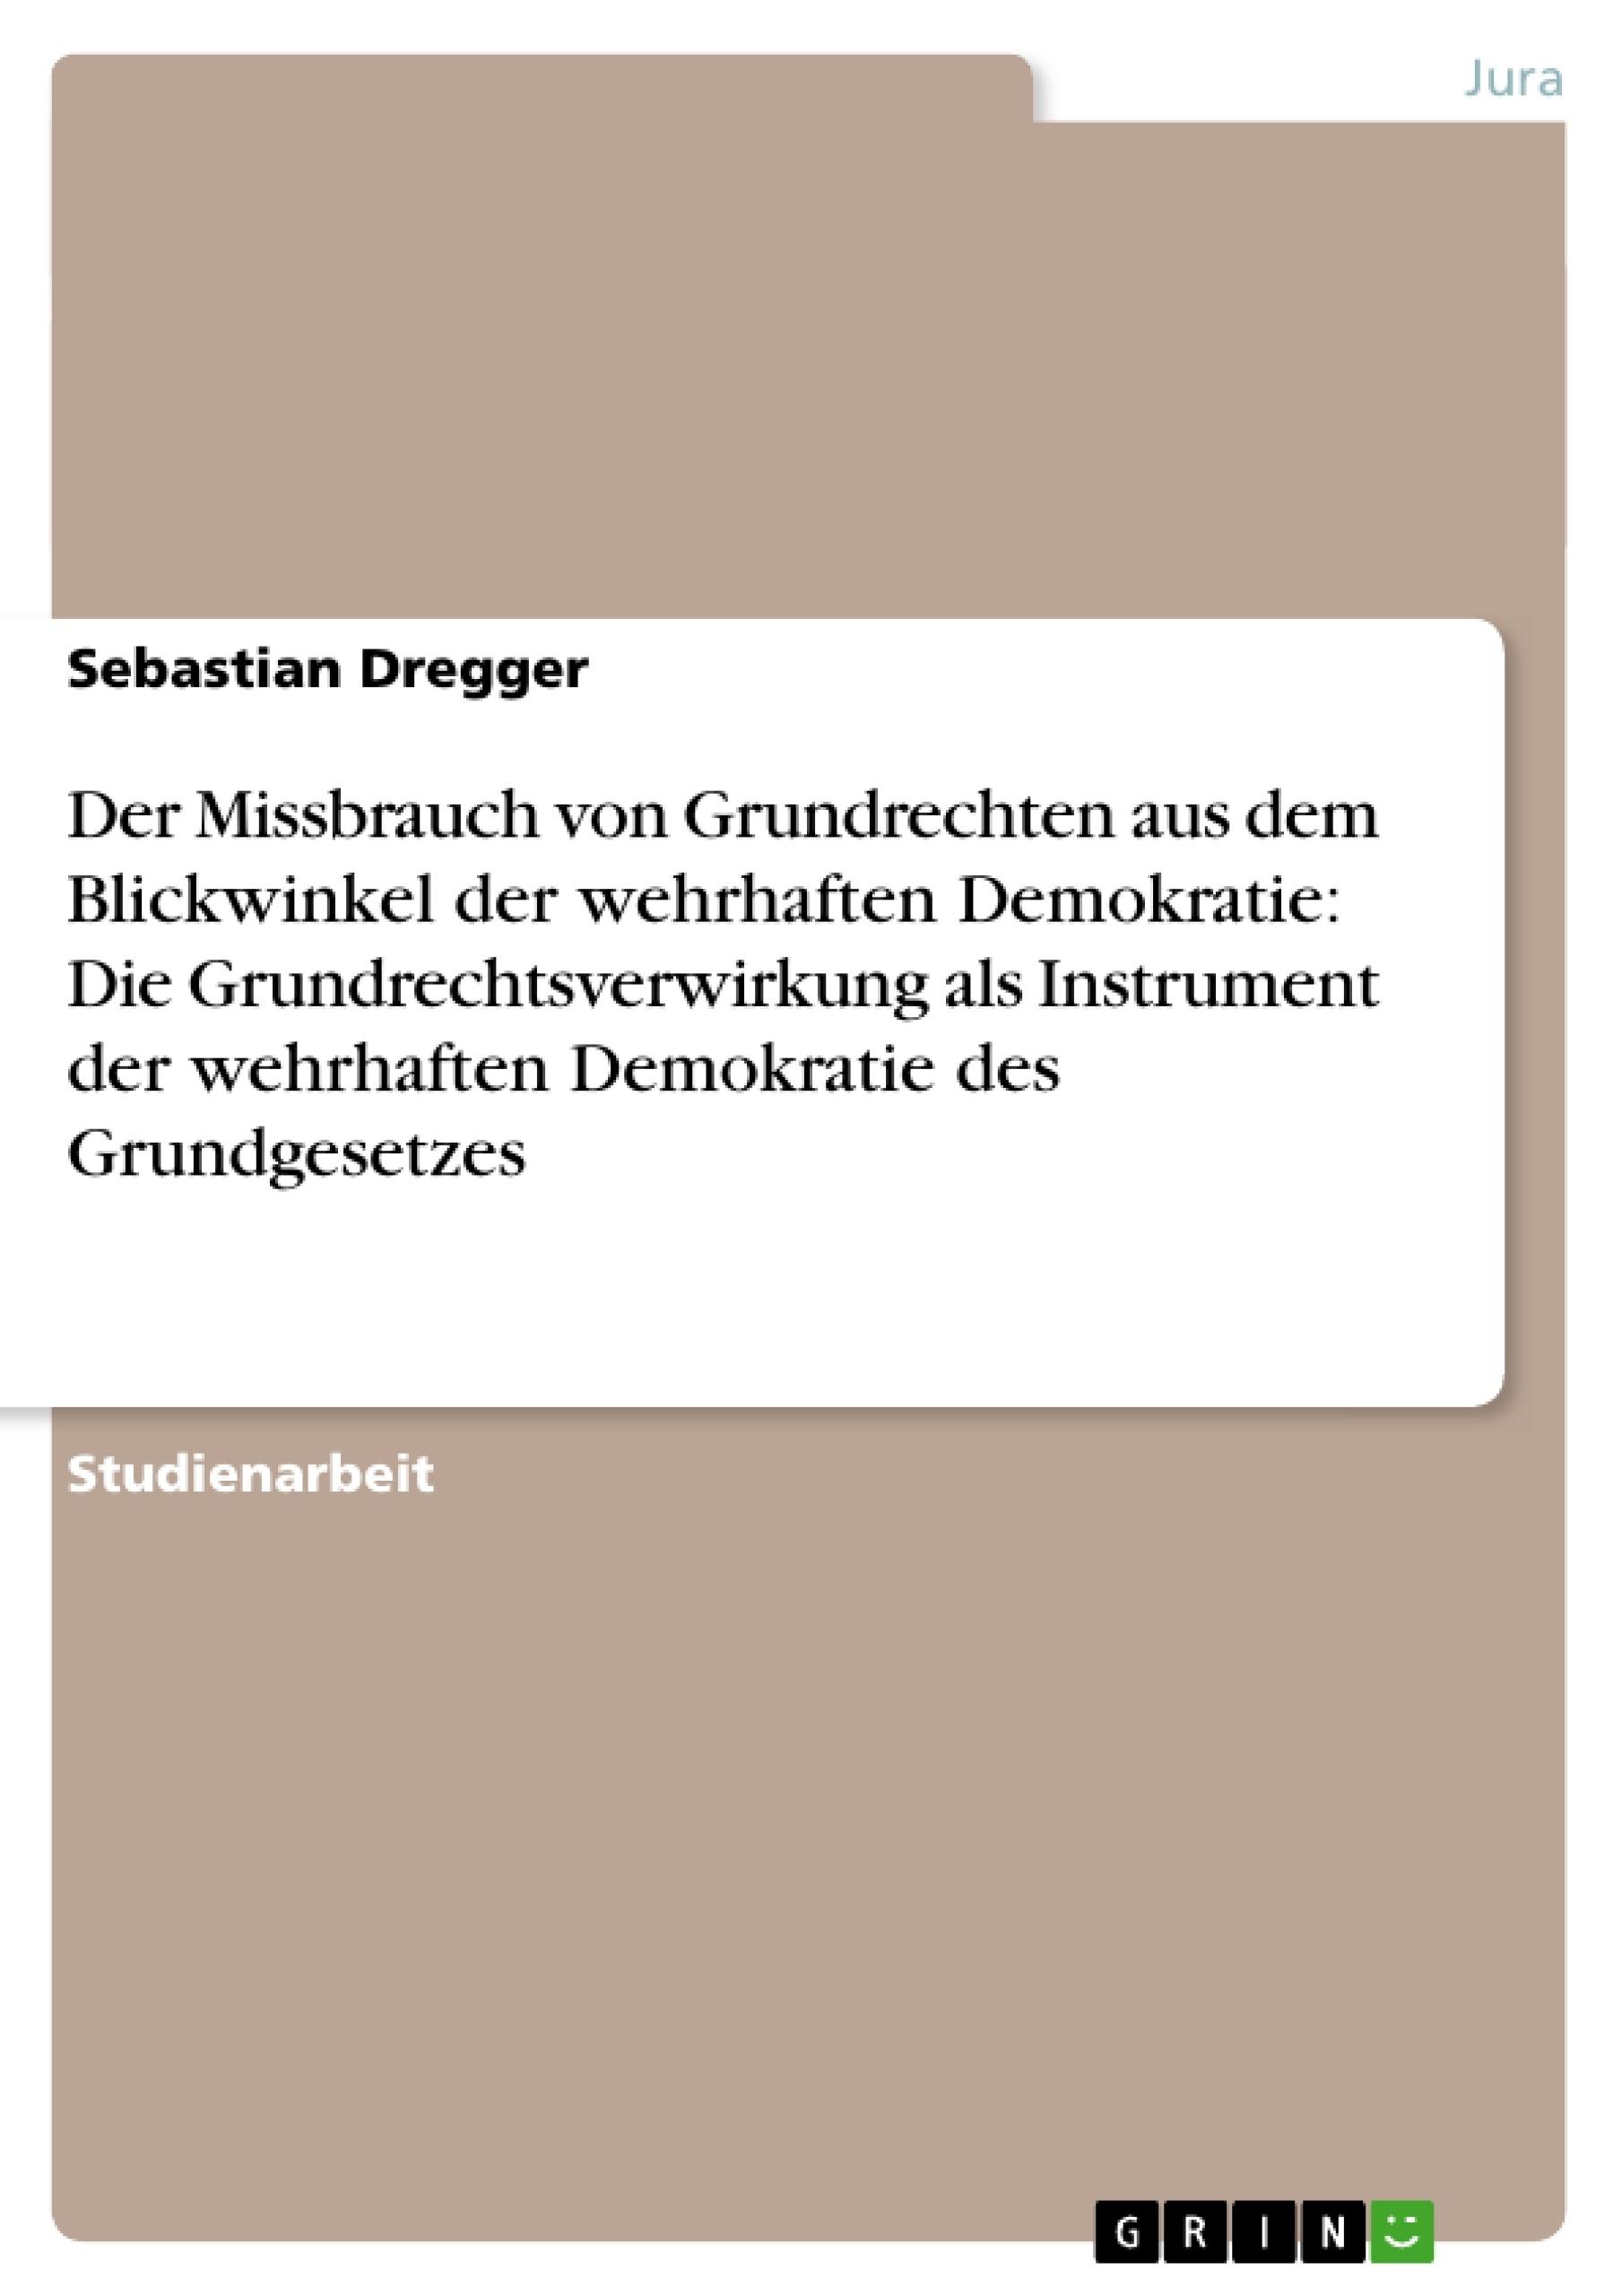 Titel: Der Missbrauch von Grundrechten aus dem Blickwinkel der wehrhaften Demokratie: Die Grundrechtsverwirkung als Instrument der wehrhaften Demokratie des Grundgesetzes